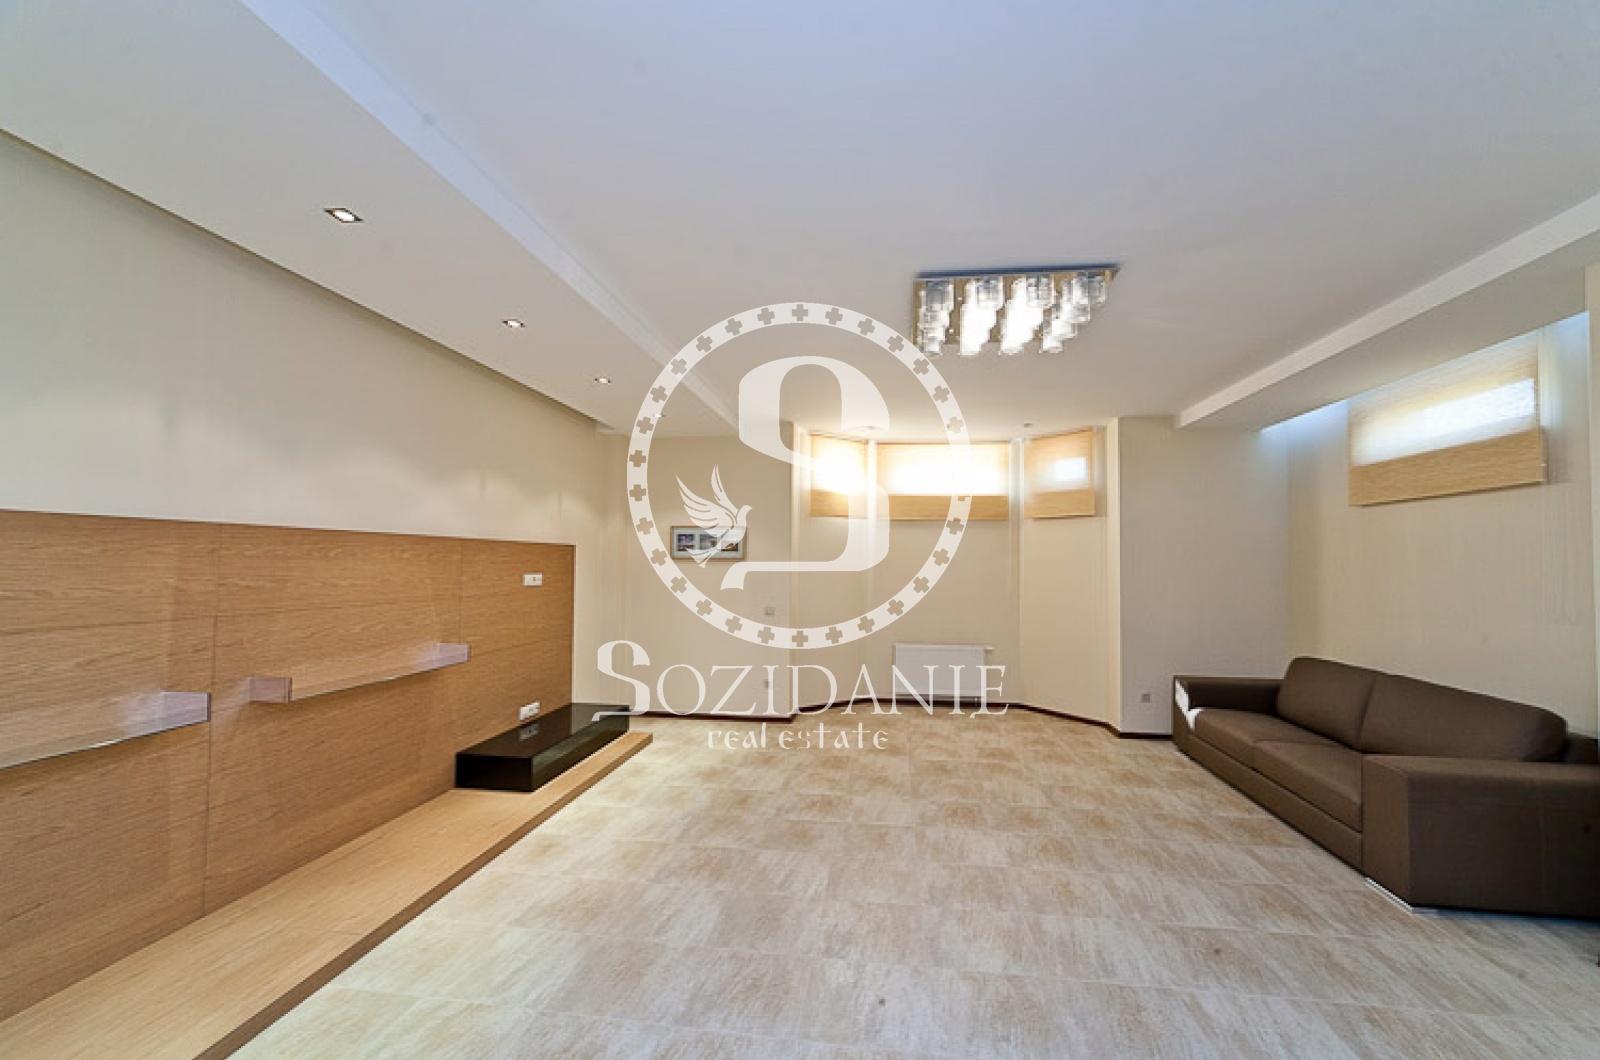 4 Bedrooms, Загородная, Продажа, Listing ID 1238, Московская область, Россия,